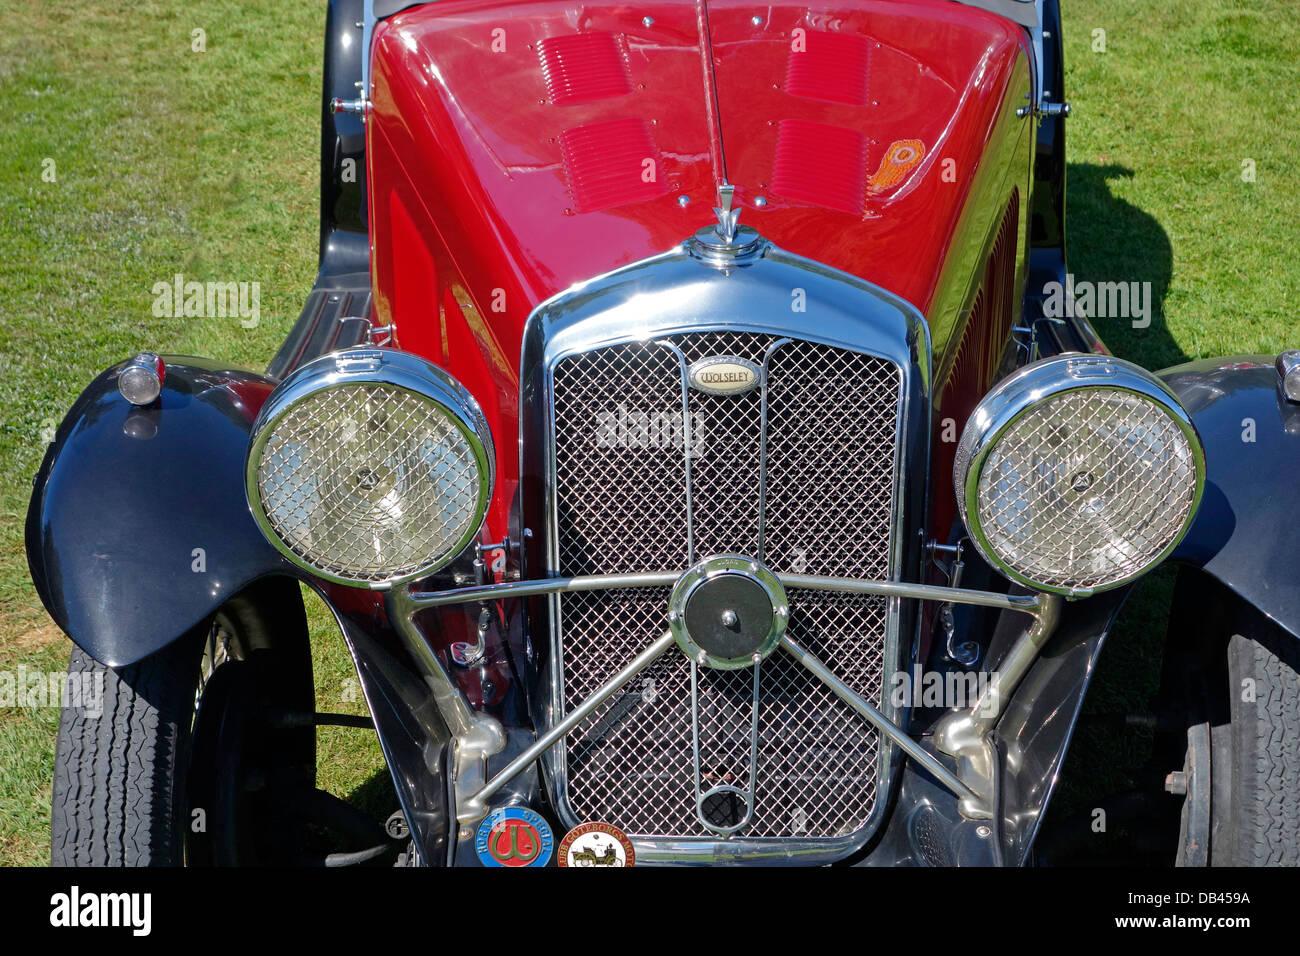 Vista frontal de un antiguo automóvil. Imagen De Stock